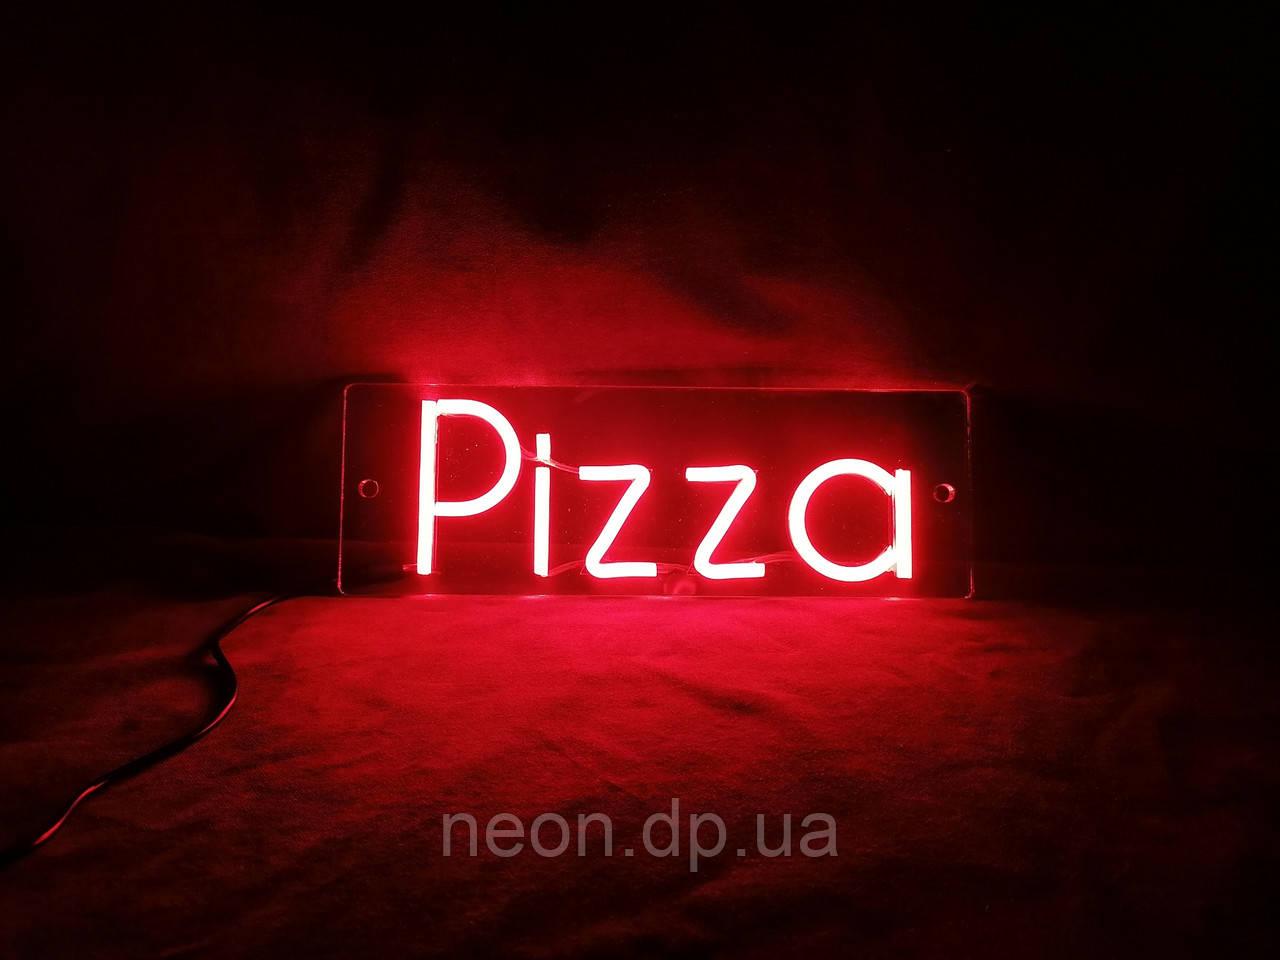 Надпись Пицца из холодного неона